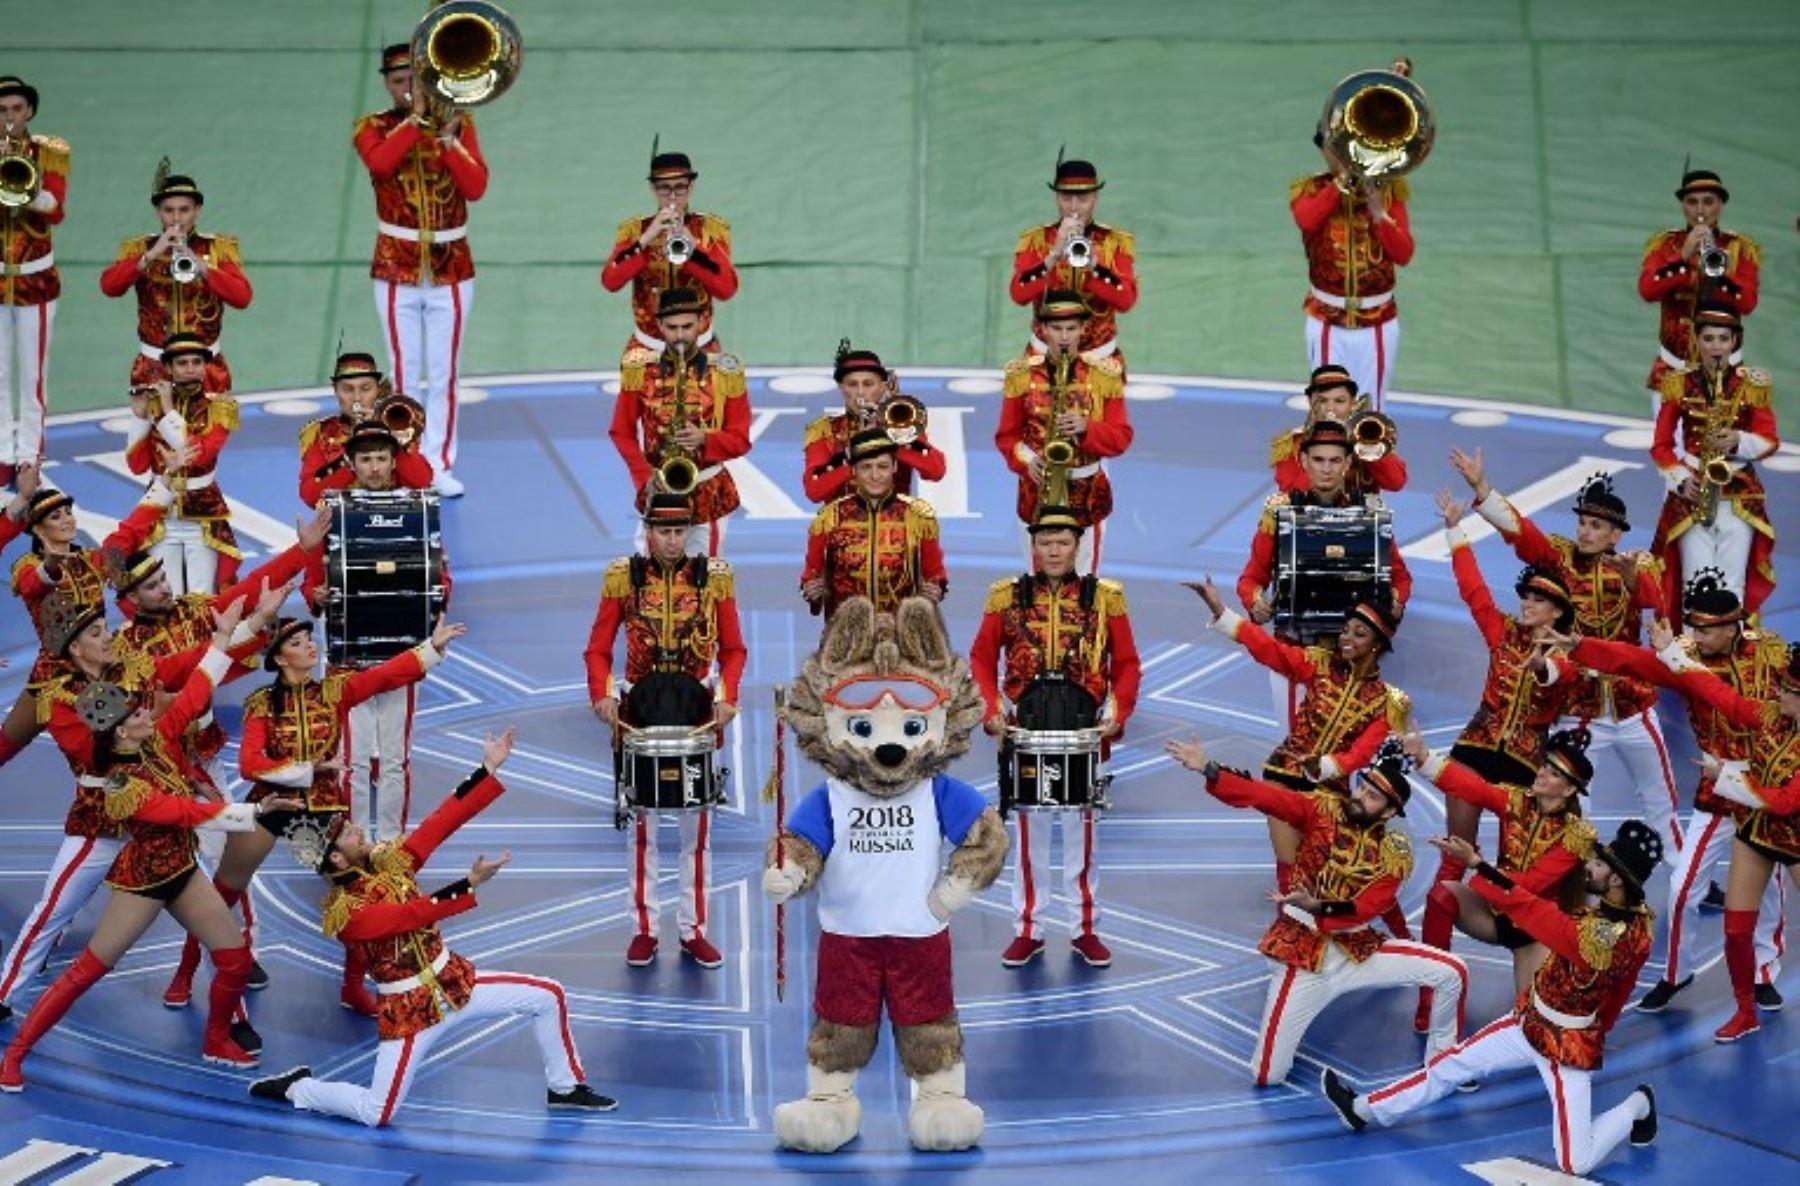 Todos el planeta estará expectante para ver el inicio del Mundial de Rusia 2018. La mascota Zabivaka será la anfitriona de la ceremonia inaugural